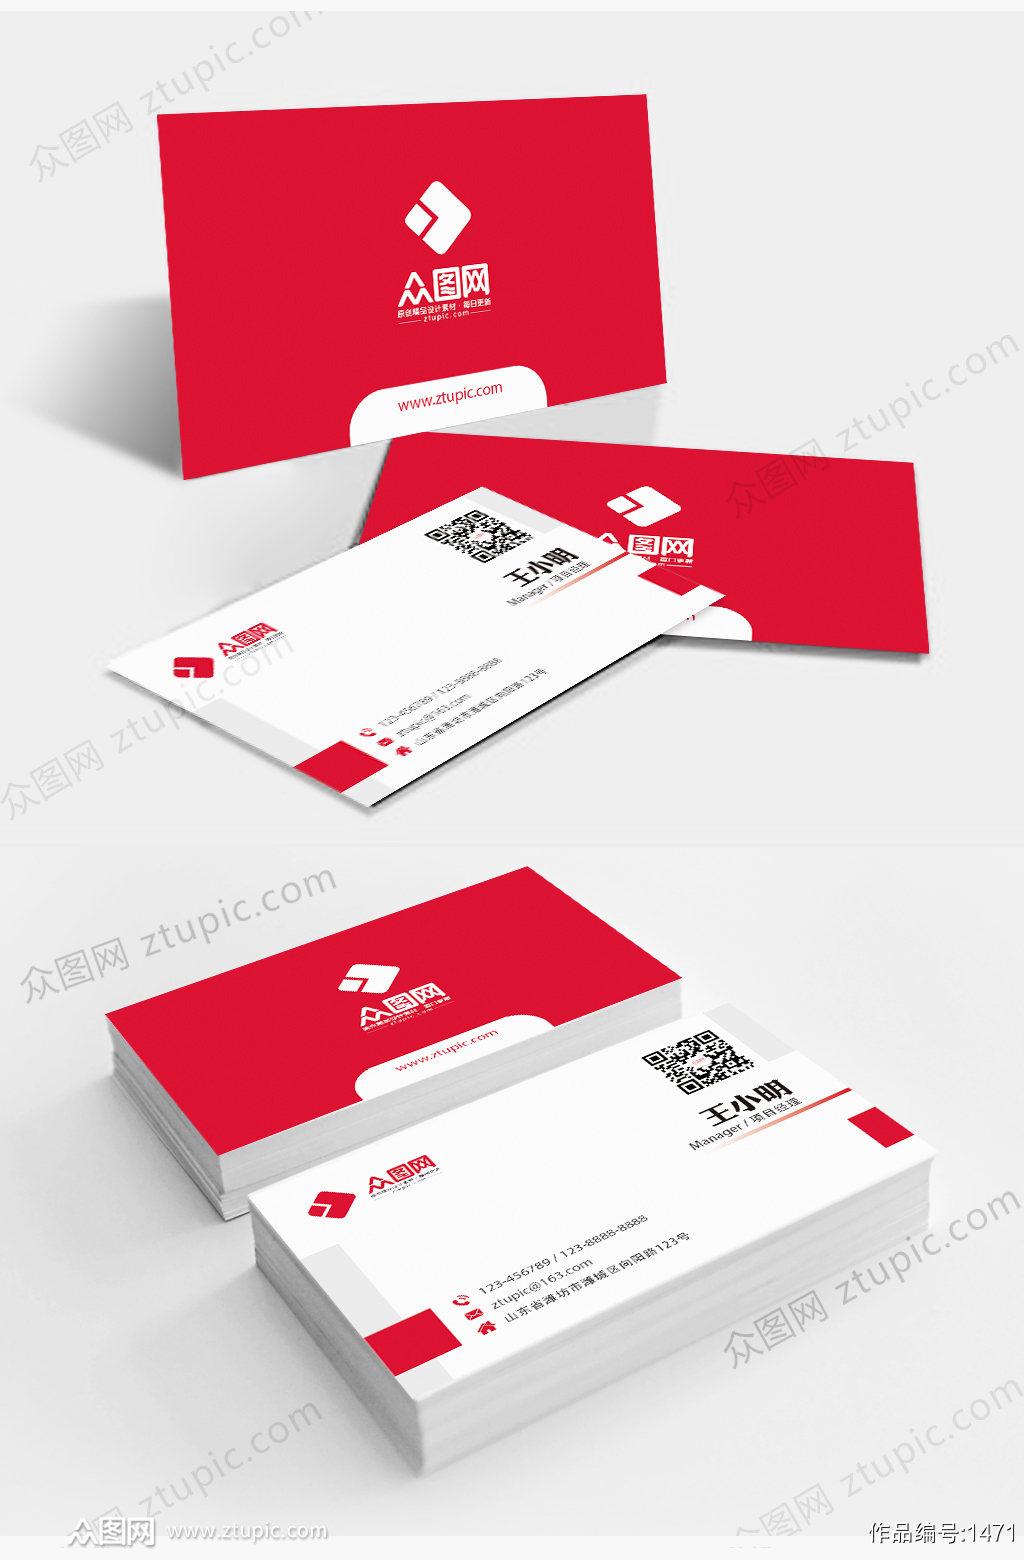 简洁时尚红色创意商务名片设计 名片背面素材